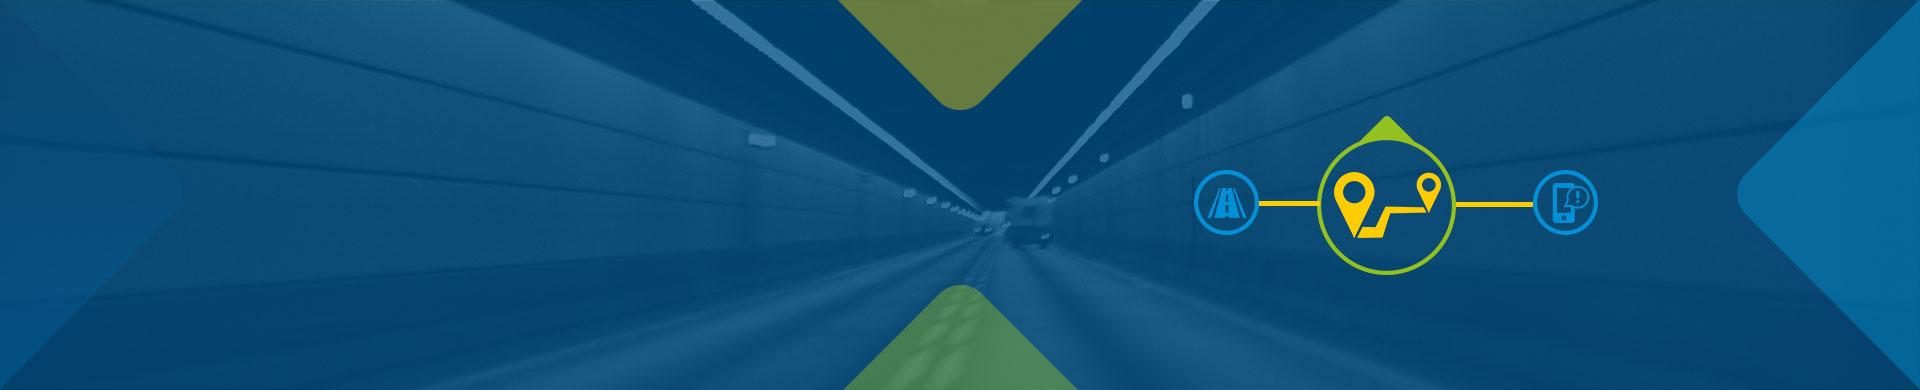 SynX Banner Flotte éco-responsable et éco-conduite